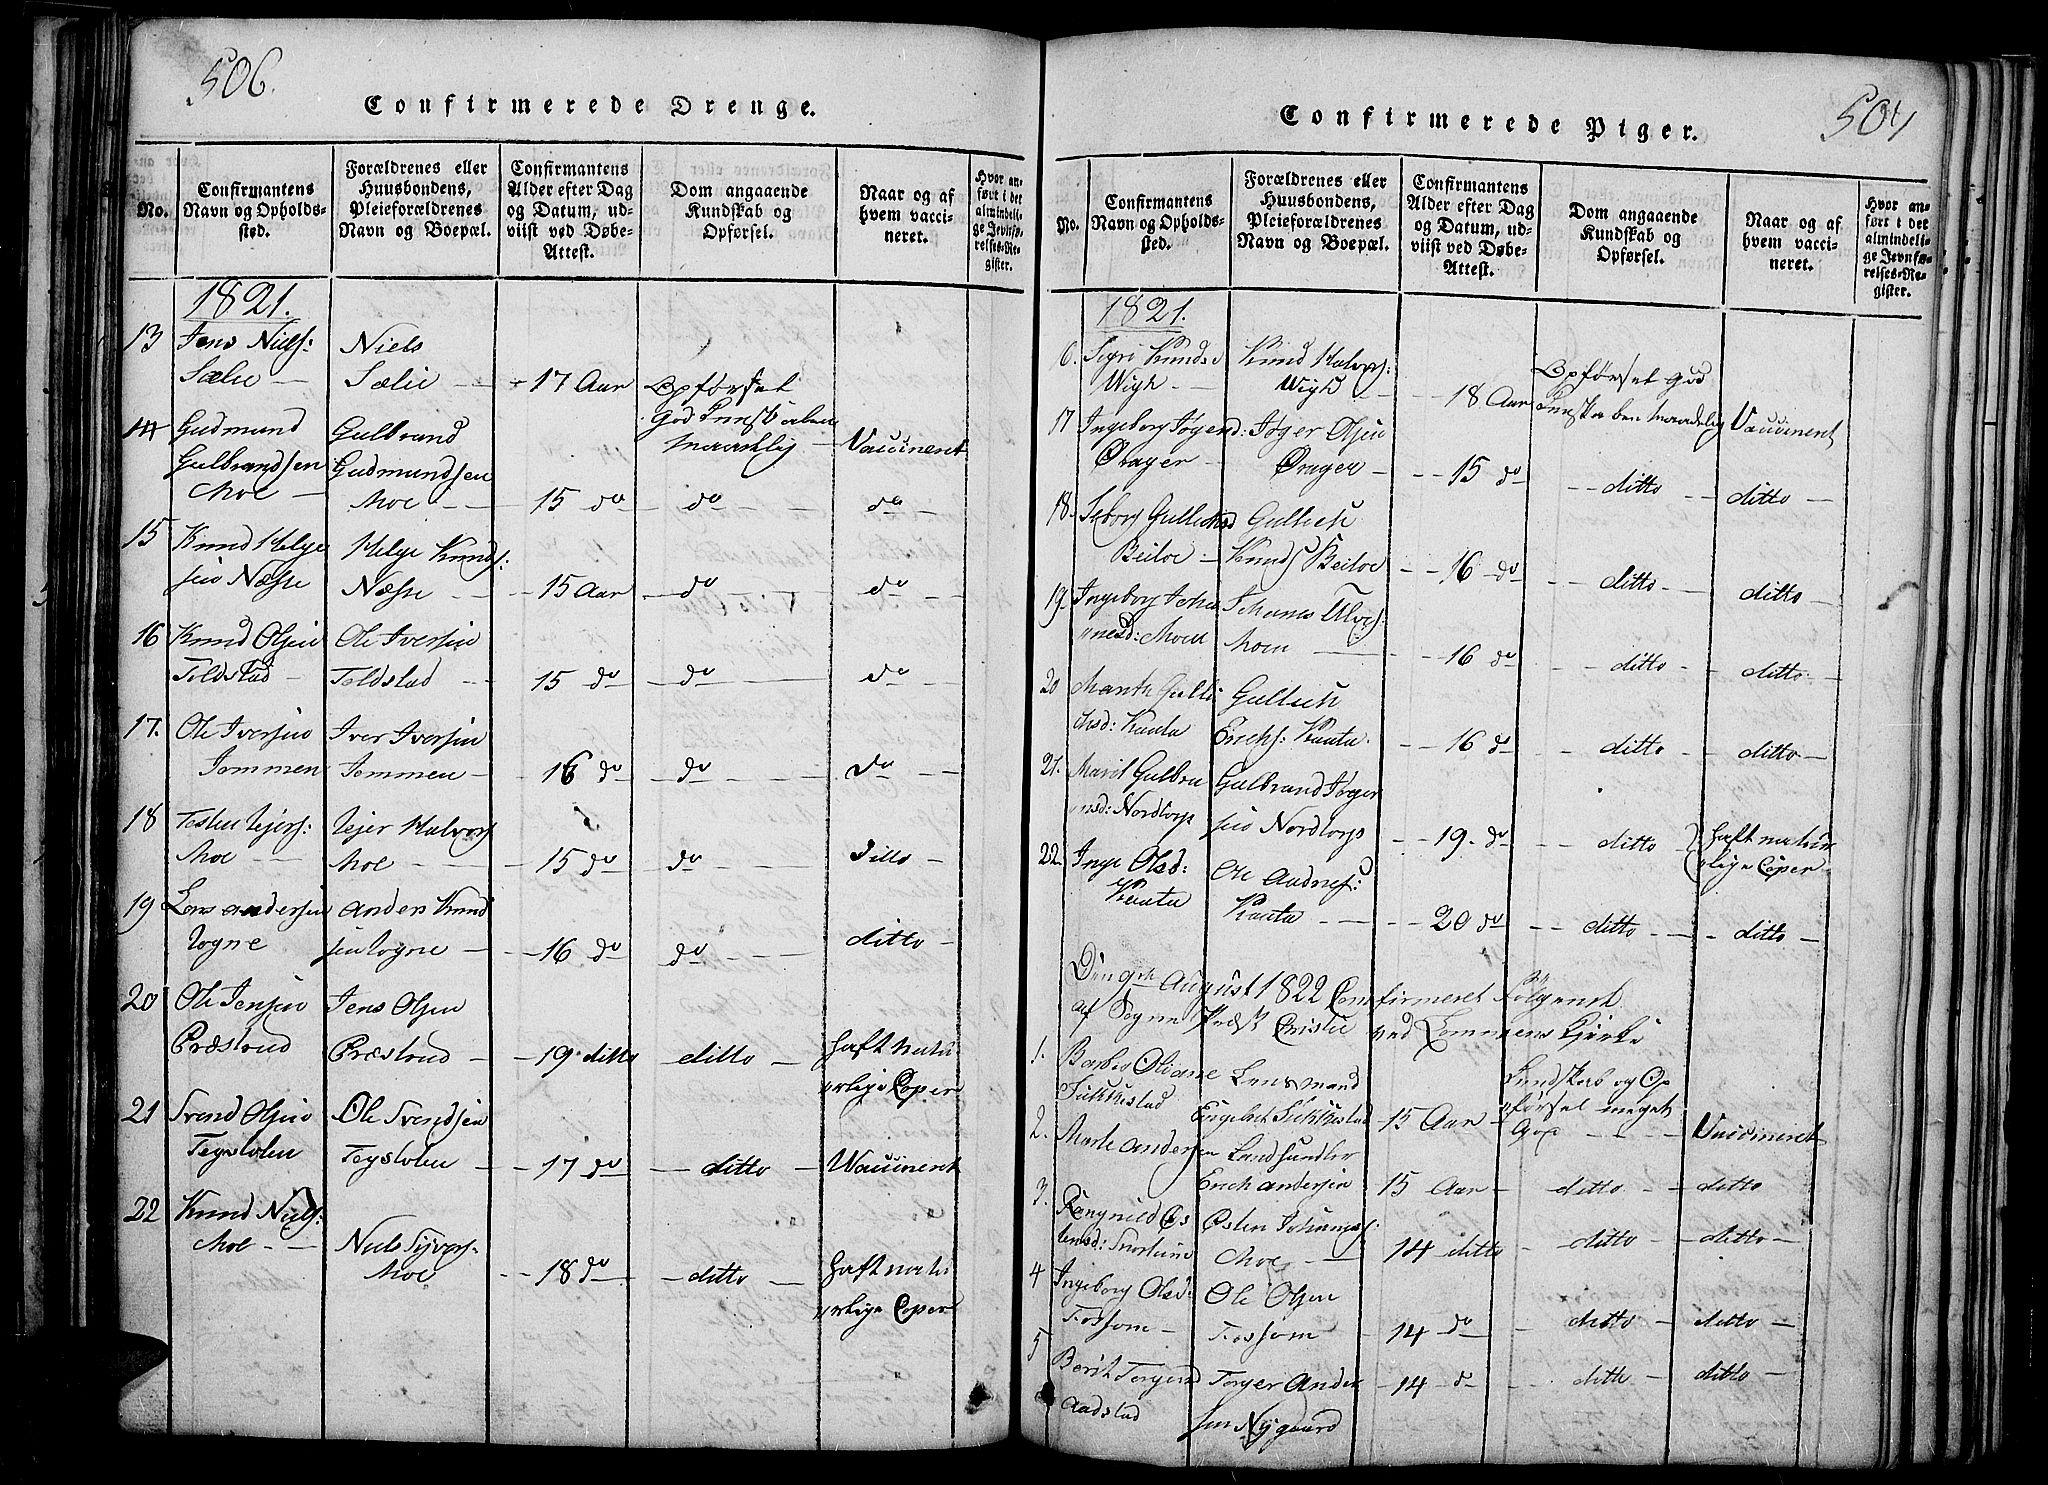 SAH, Slidre prestekontor, Ministerialbok nr. 2, 1814-1830, s. 506-507